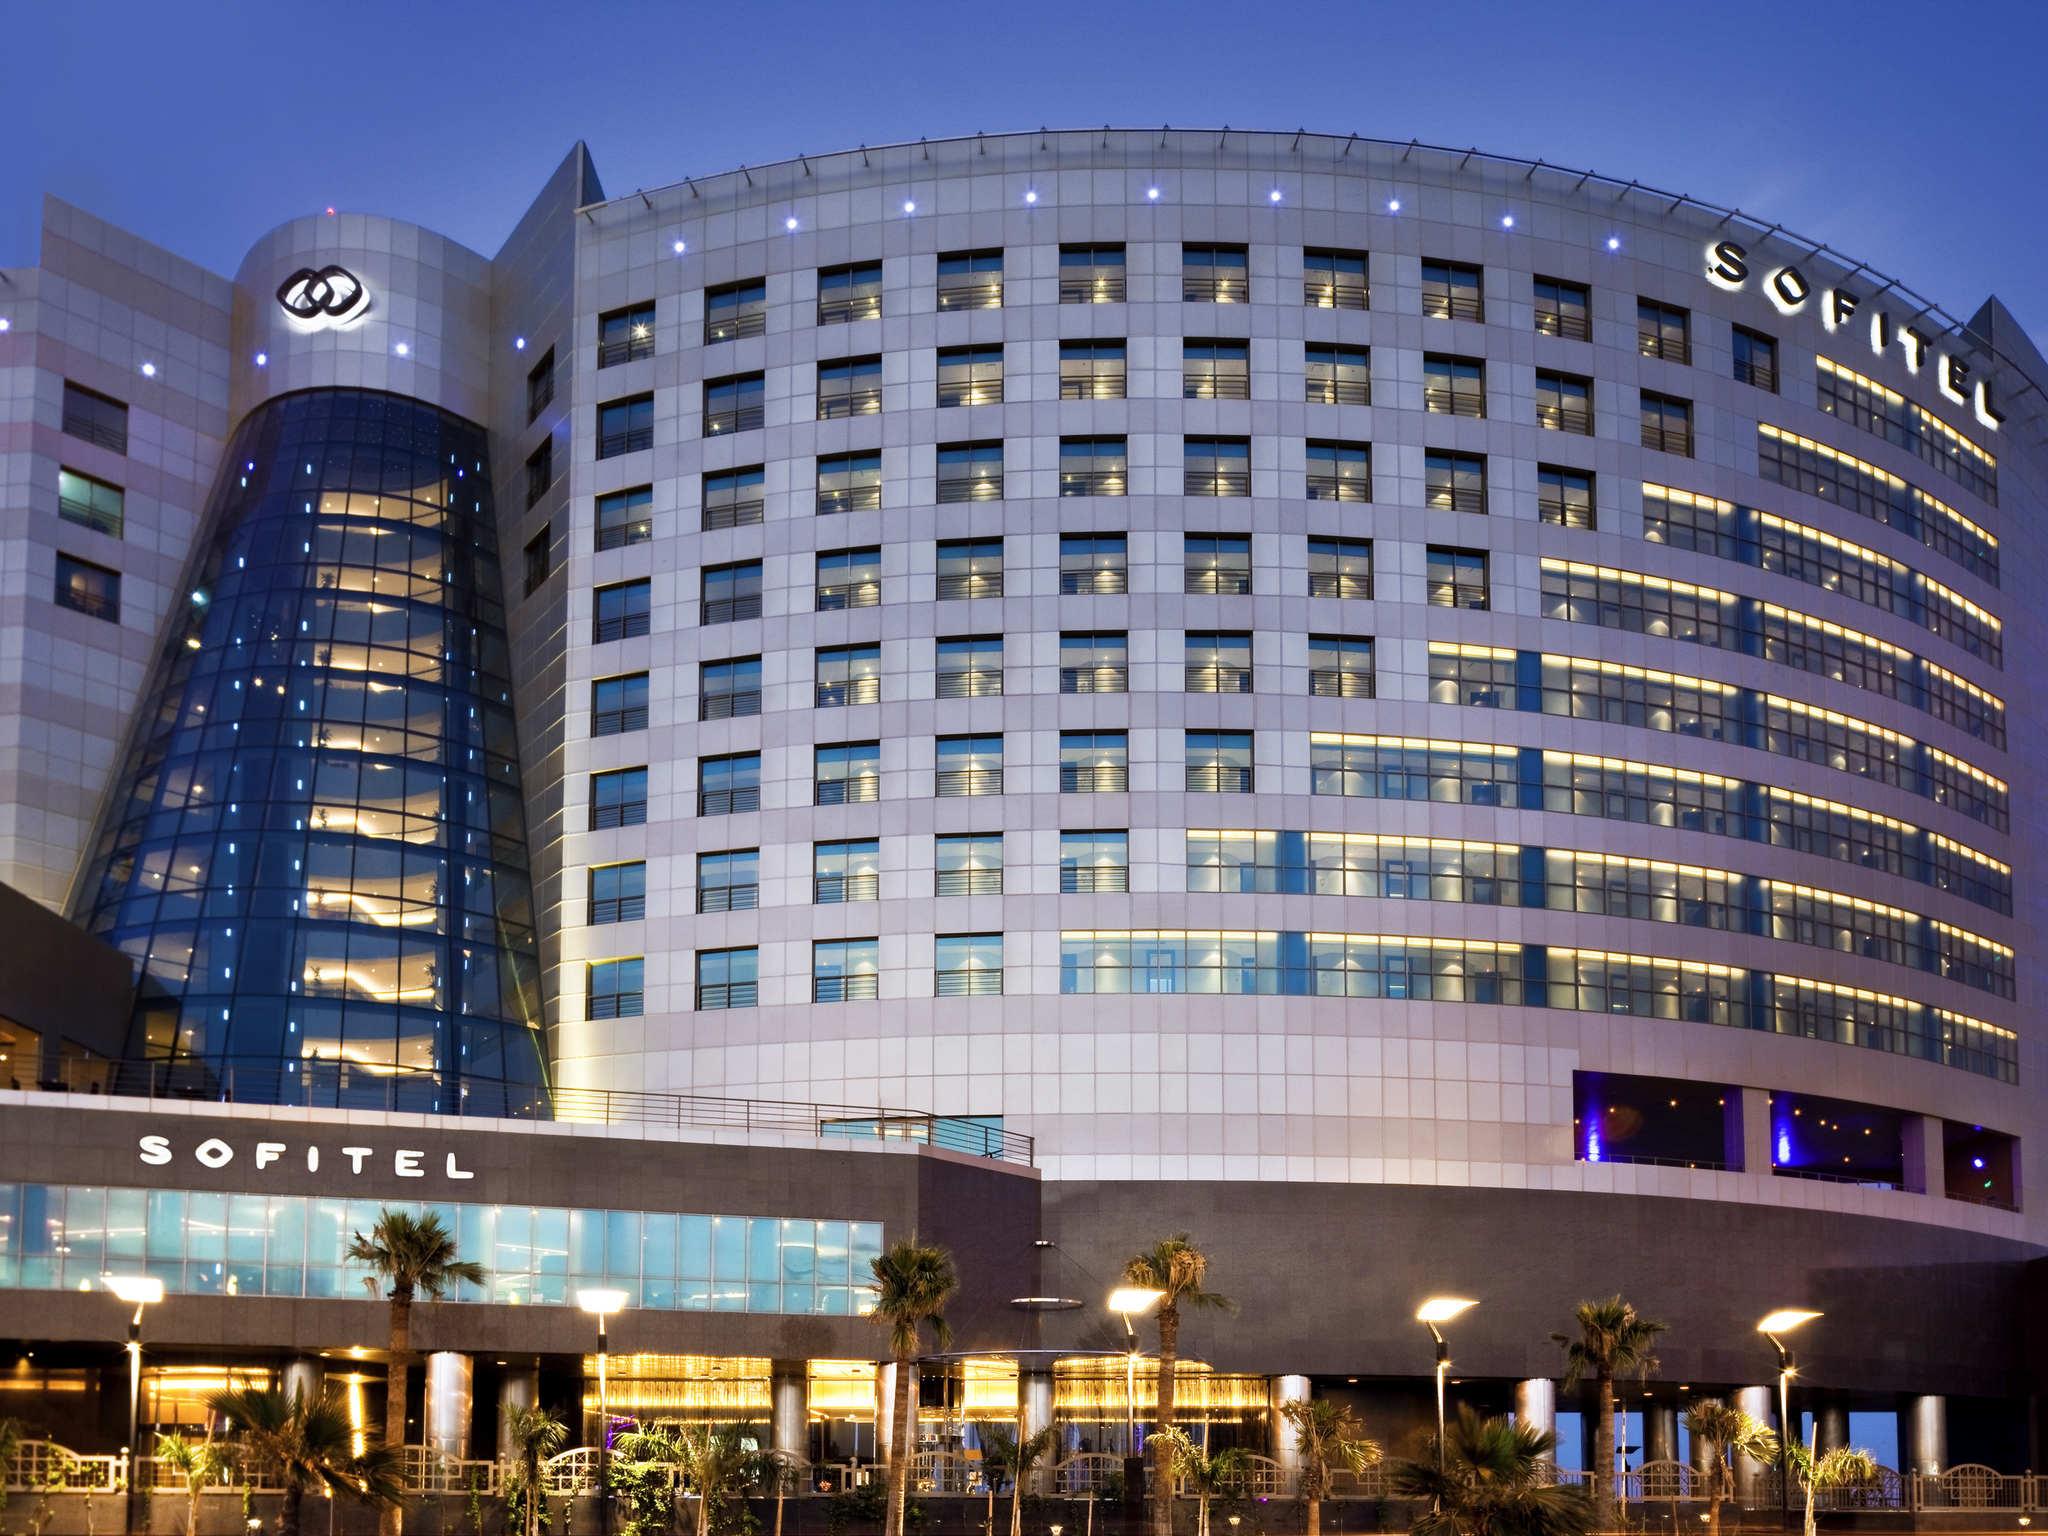 فندق - سوفيتل Sofitel الخبر الكورنيش